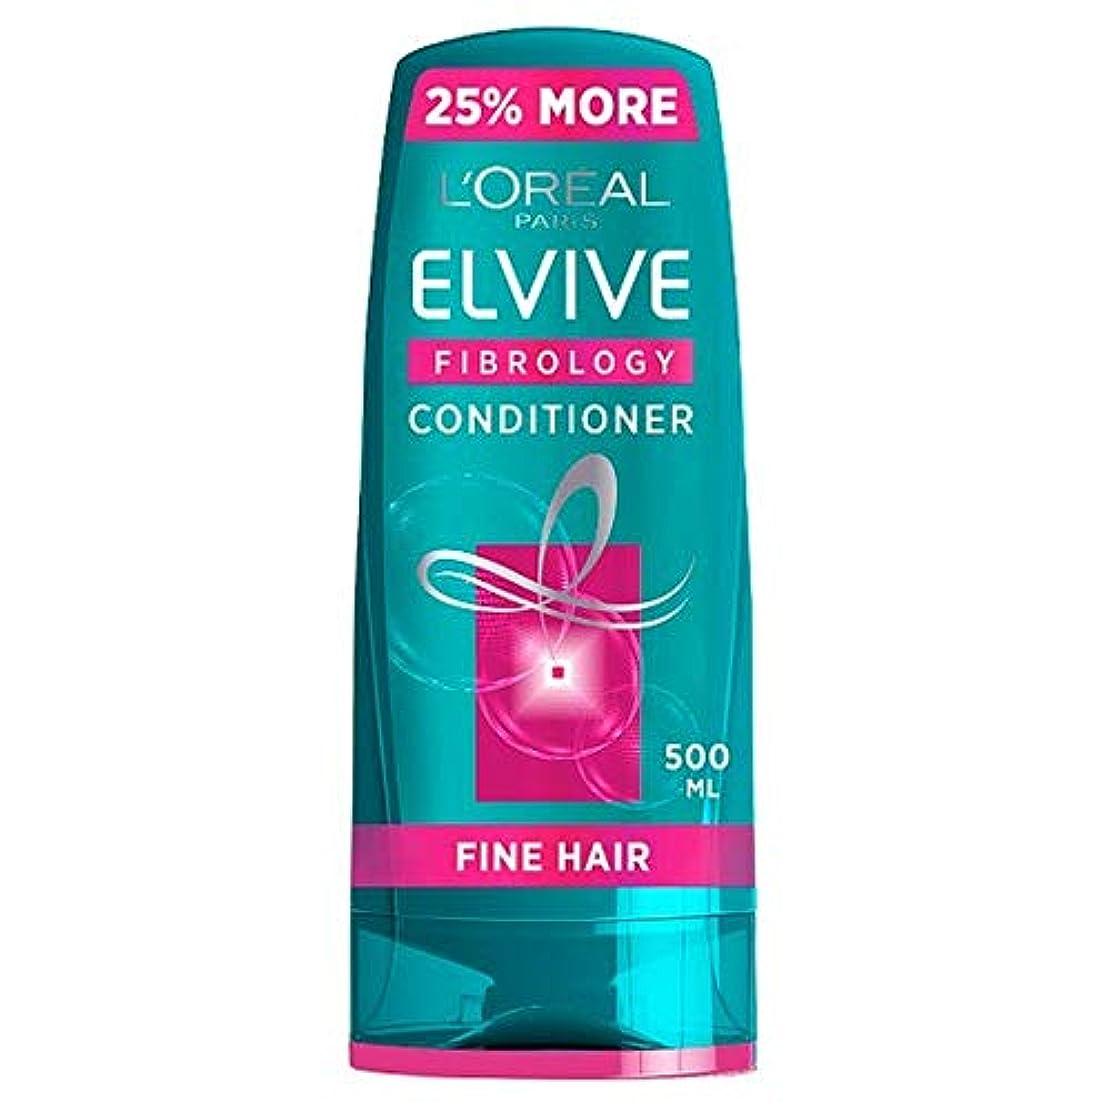 清めるバット道を作る[Elvive] ロレアルElvive Fibroligy細いヘアコンディショナー500ミリリットル - L'oreal Elvive Fibroligy Fine Hair Conditioner 500Ml [並行輸入品]